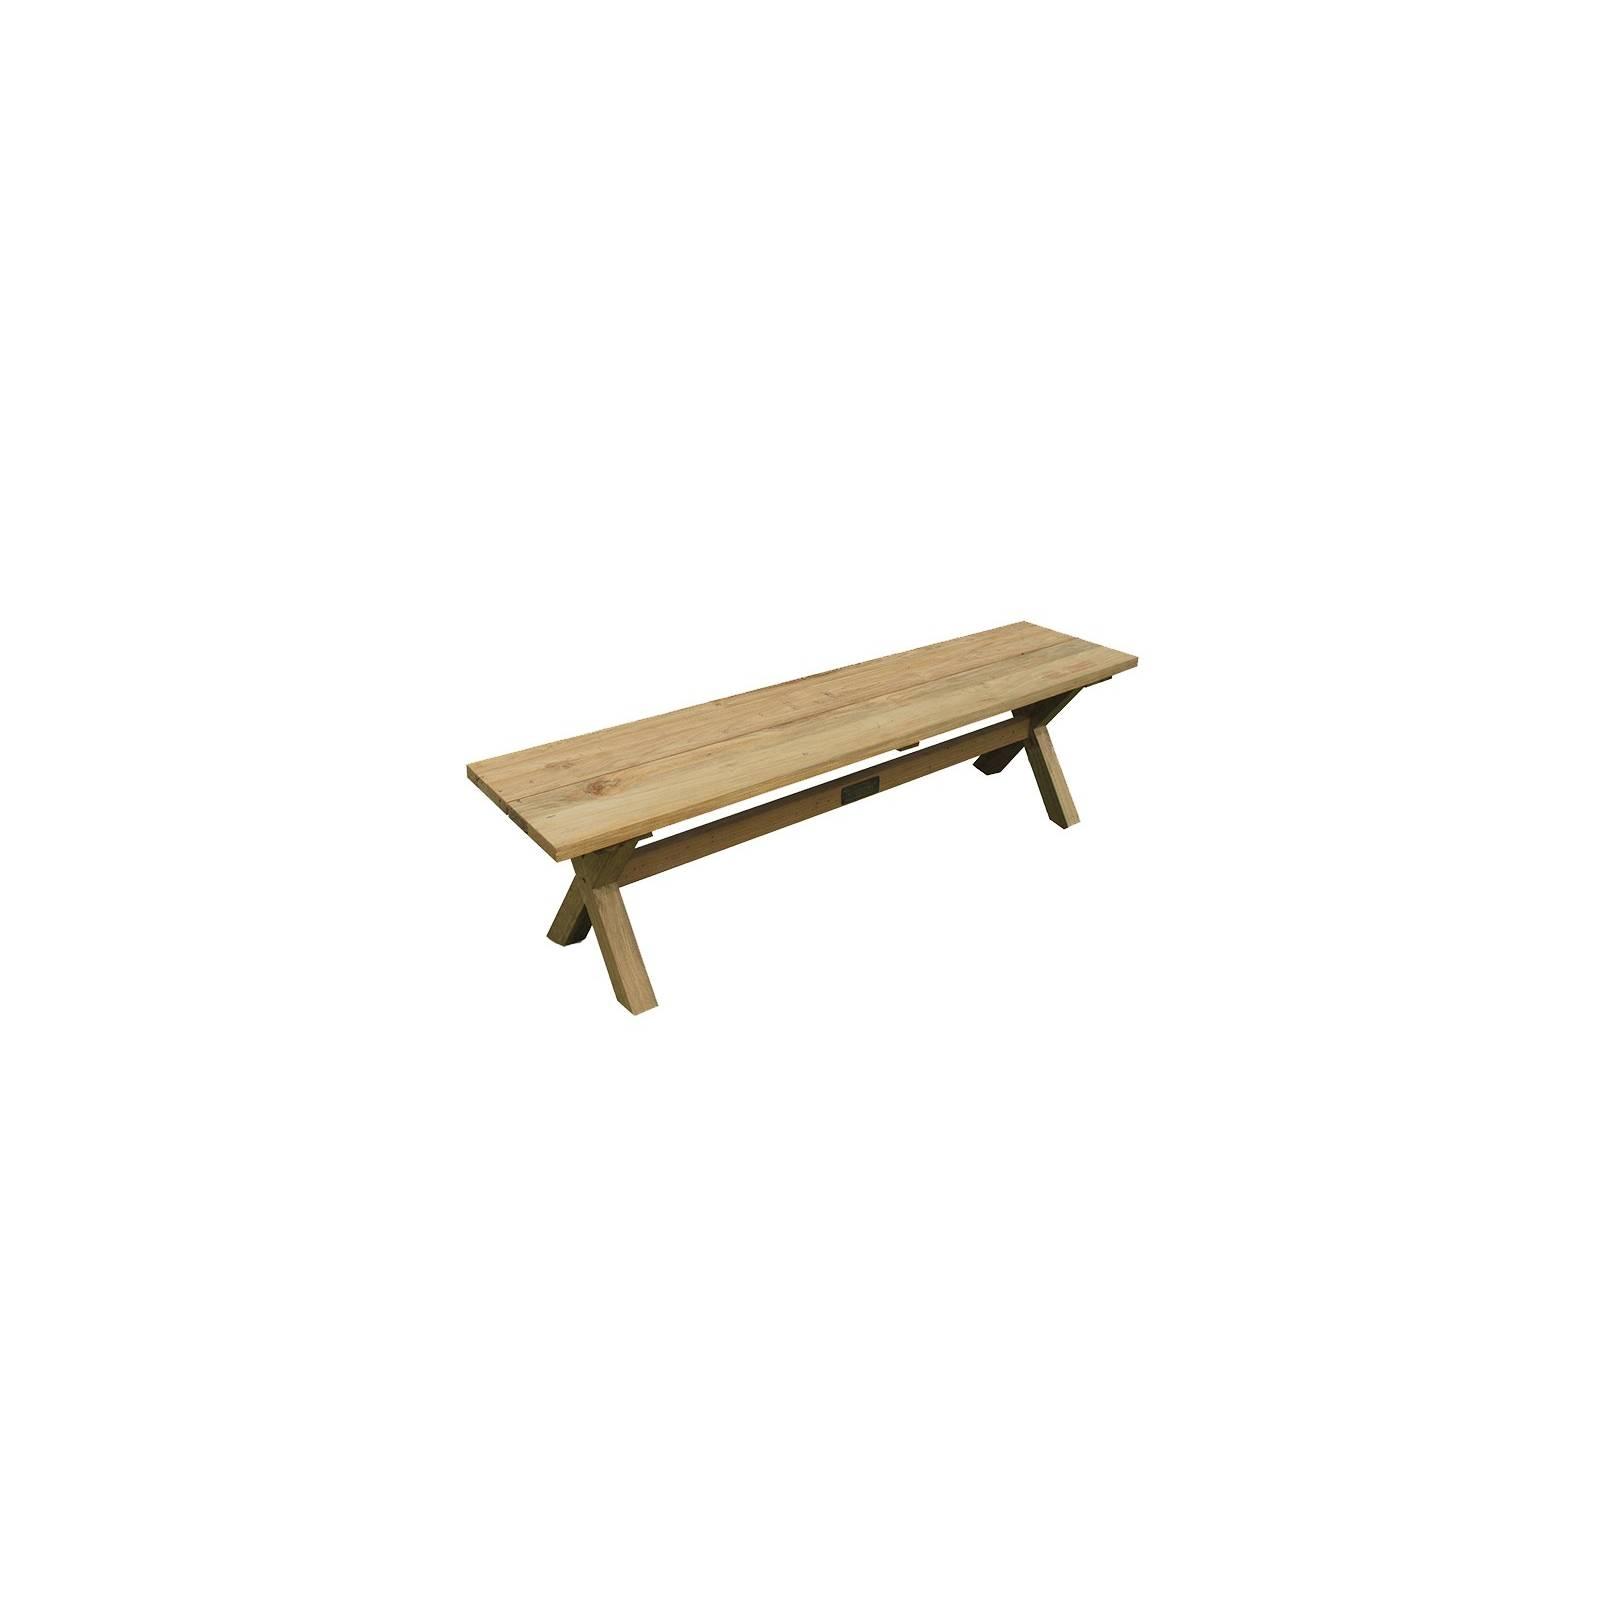 Banc Croisé Greenface Teck Recyclé - achat meuble design